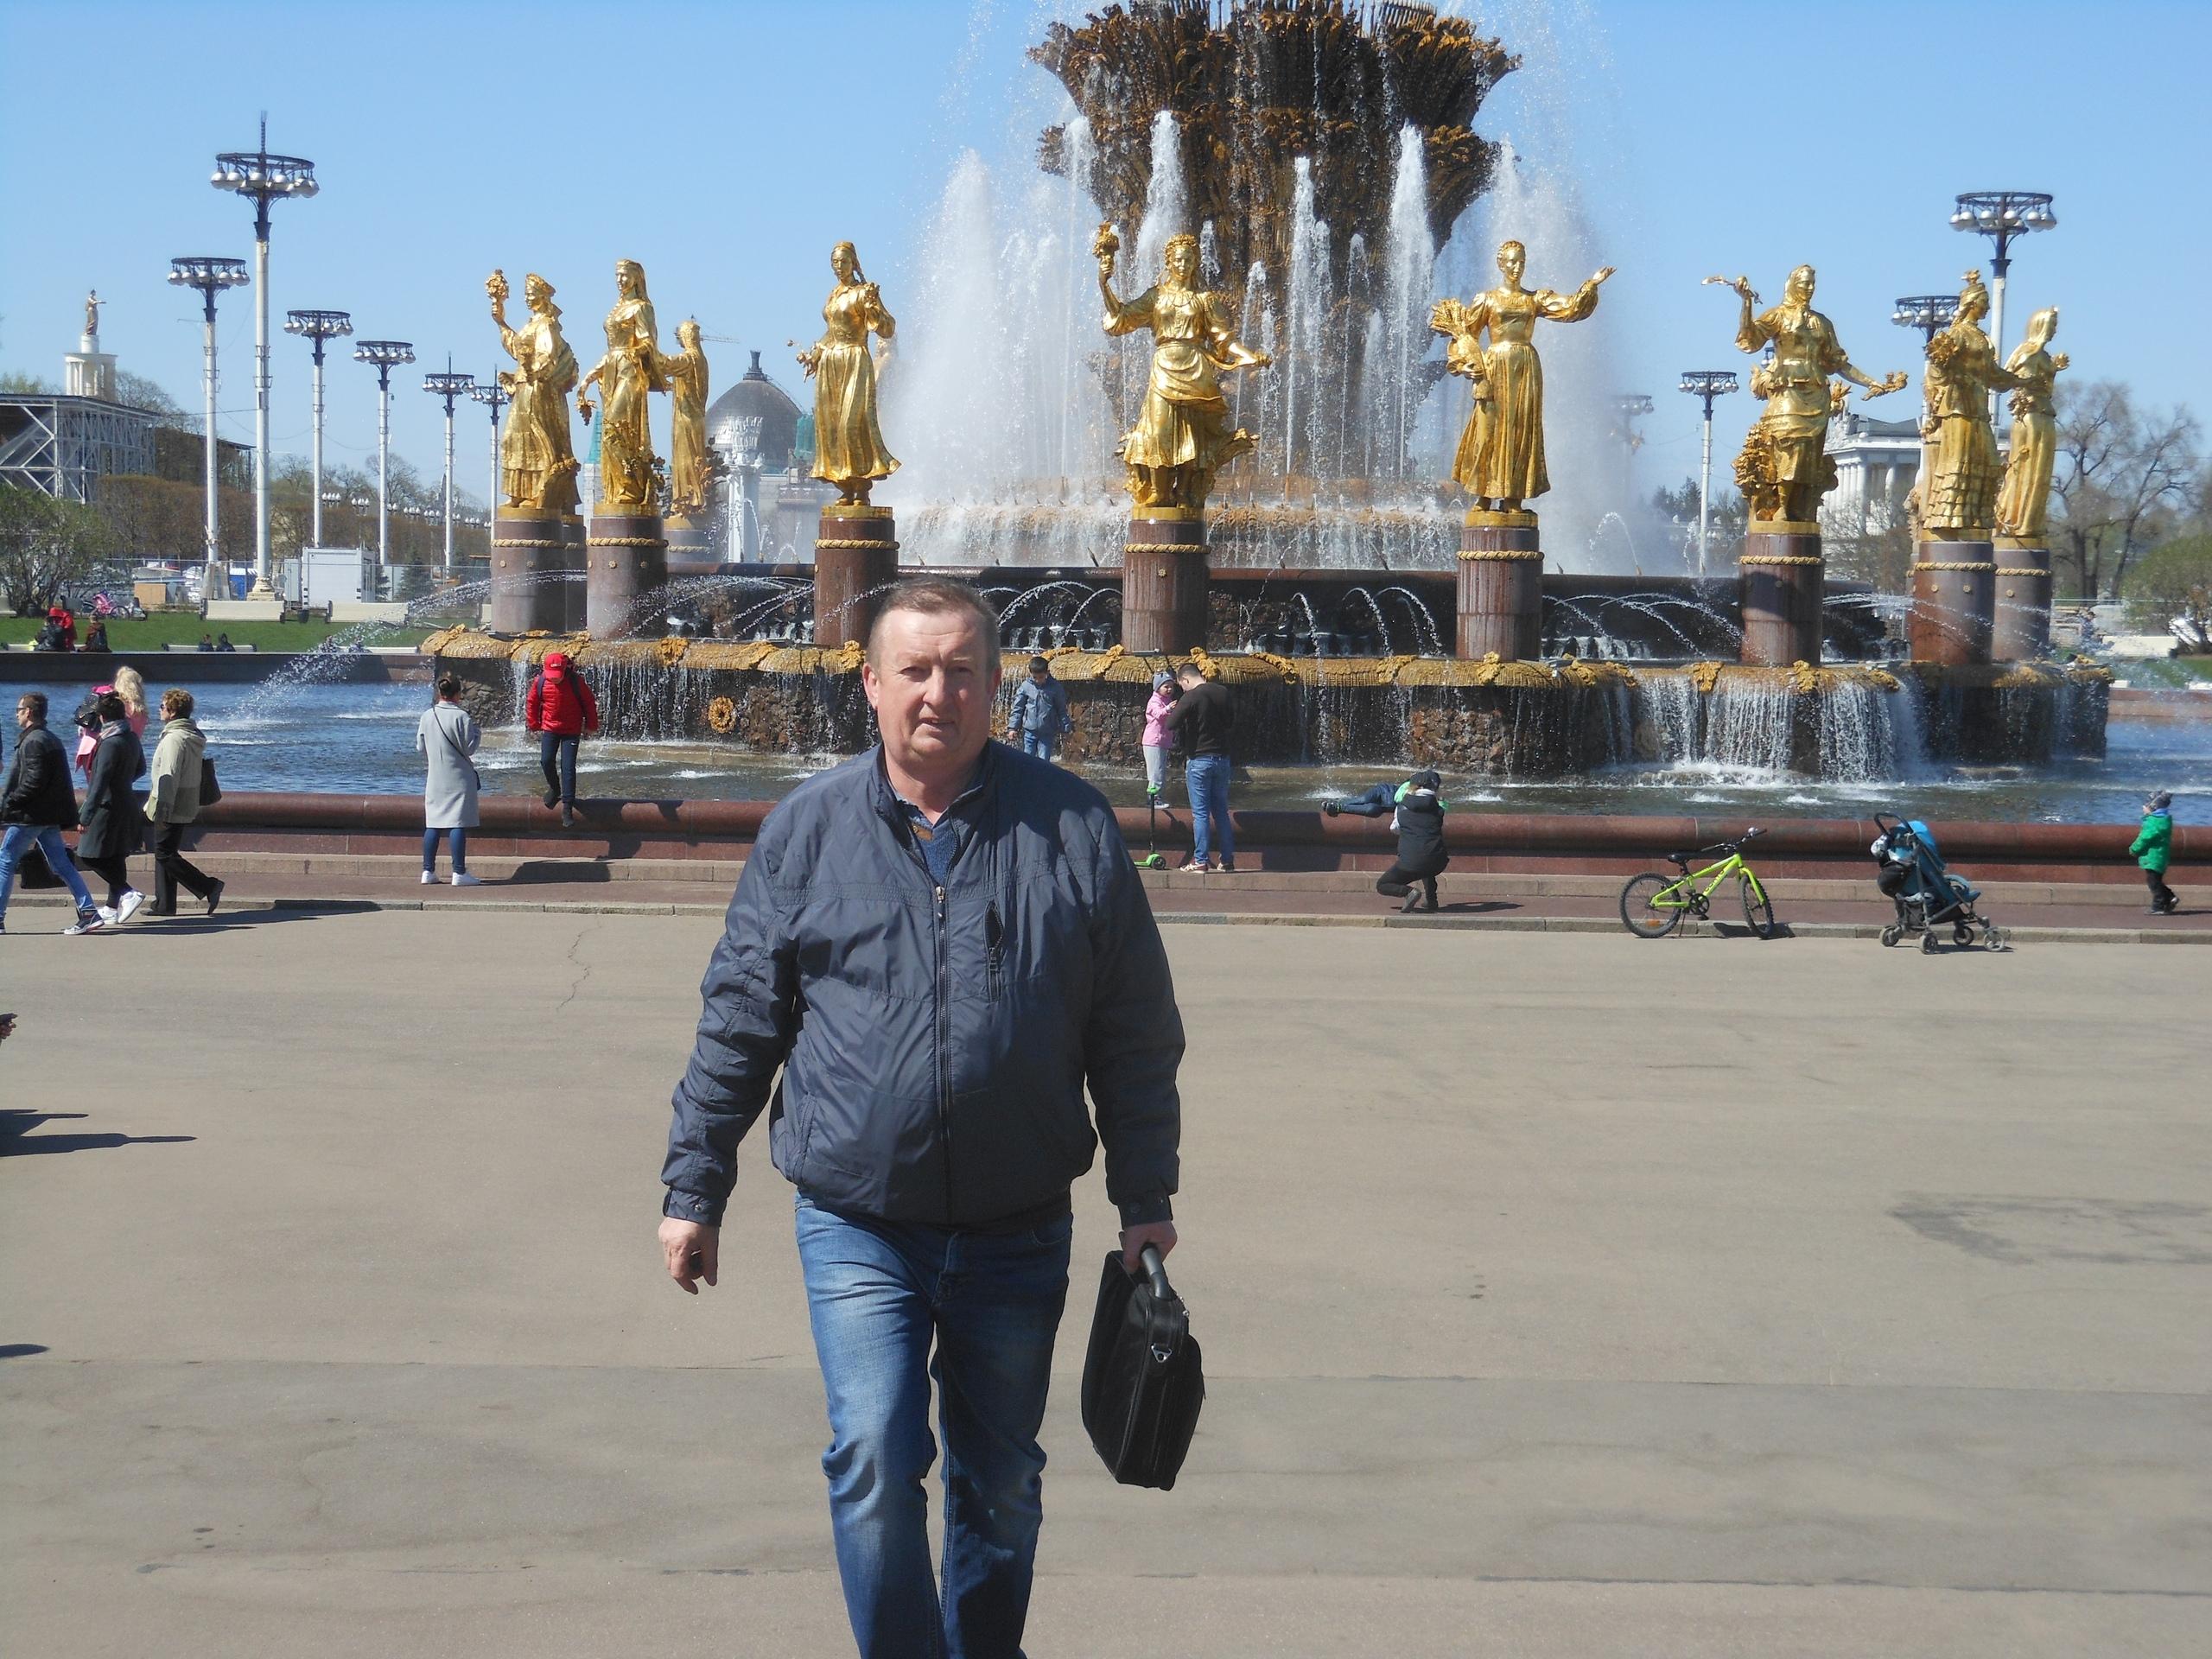 Сергей Крылов: Число прорывов уменьшилось в разы